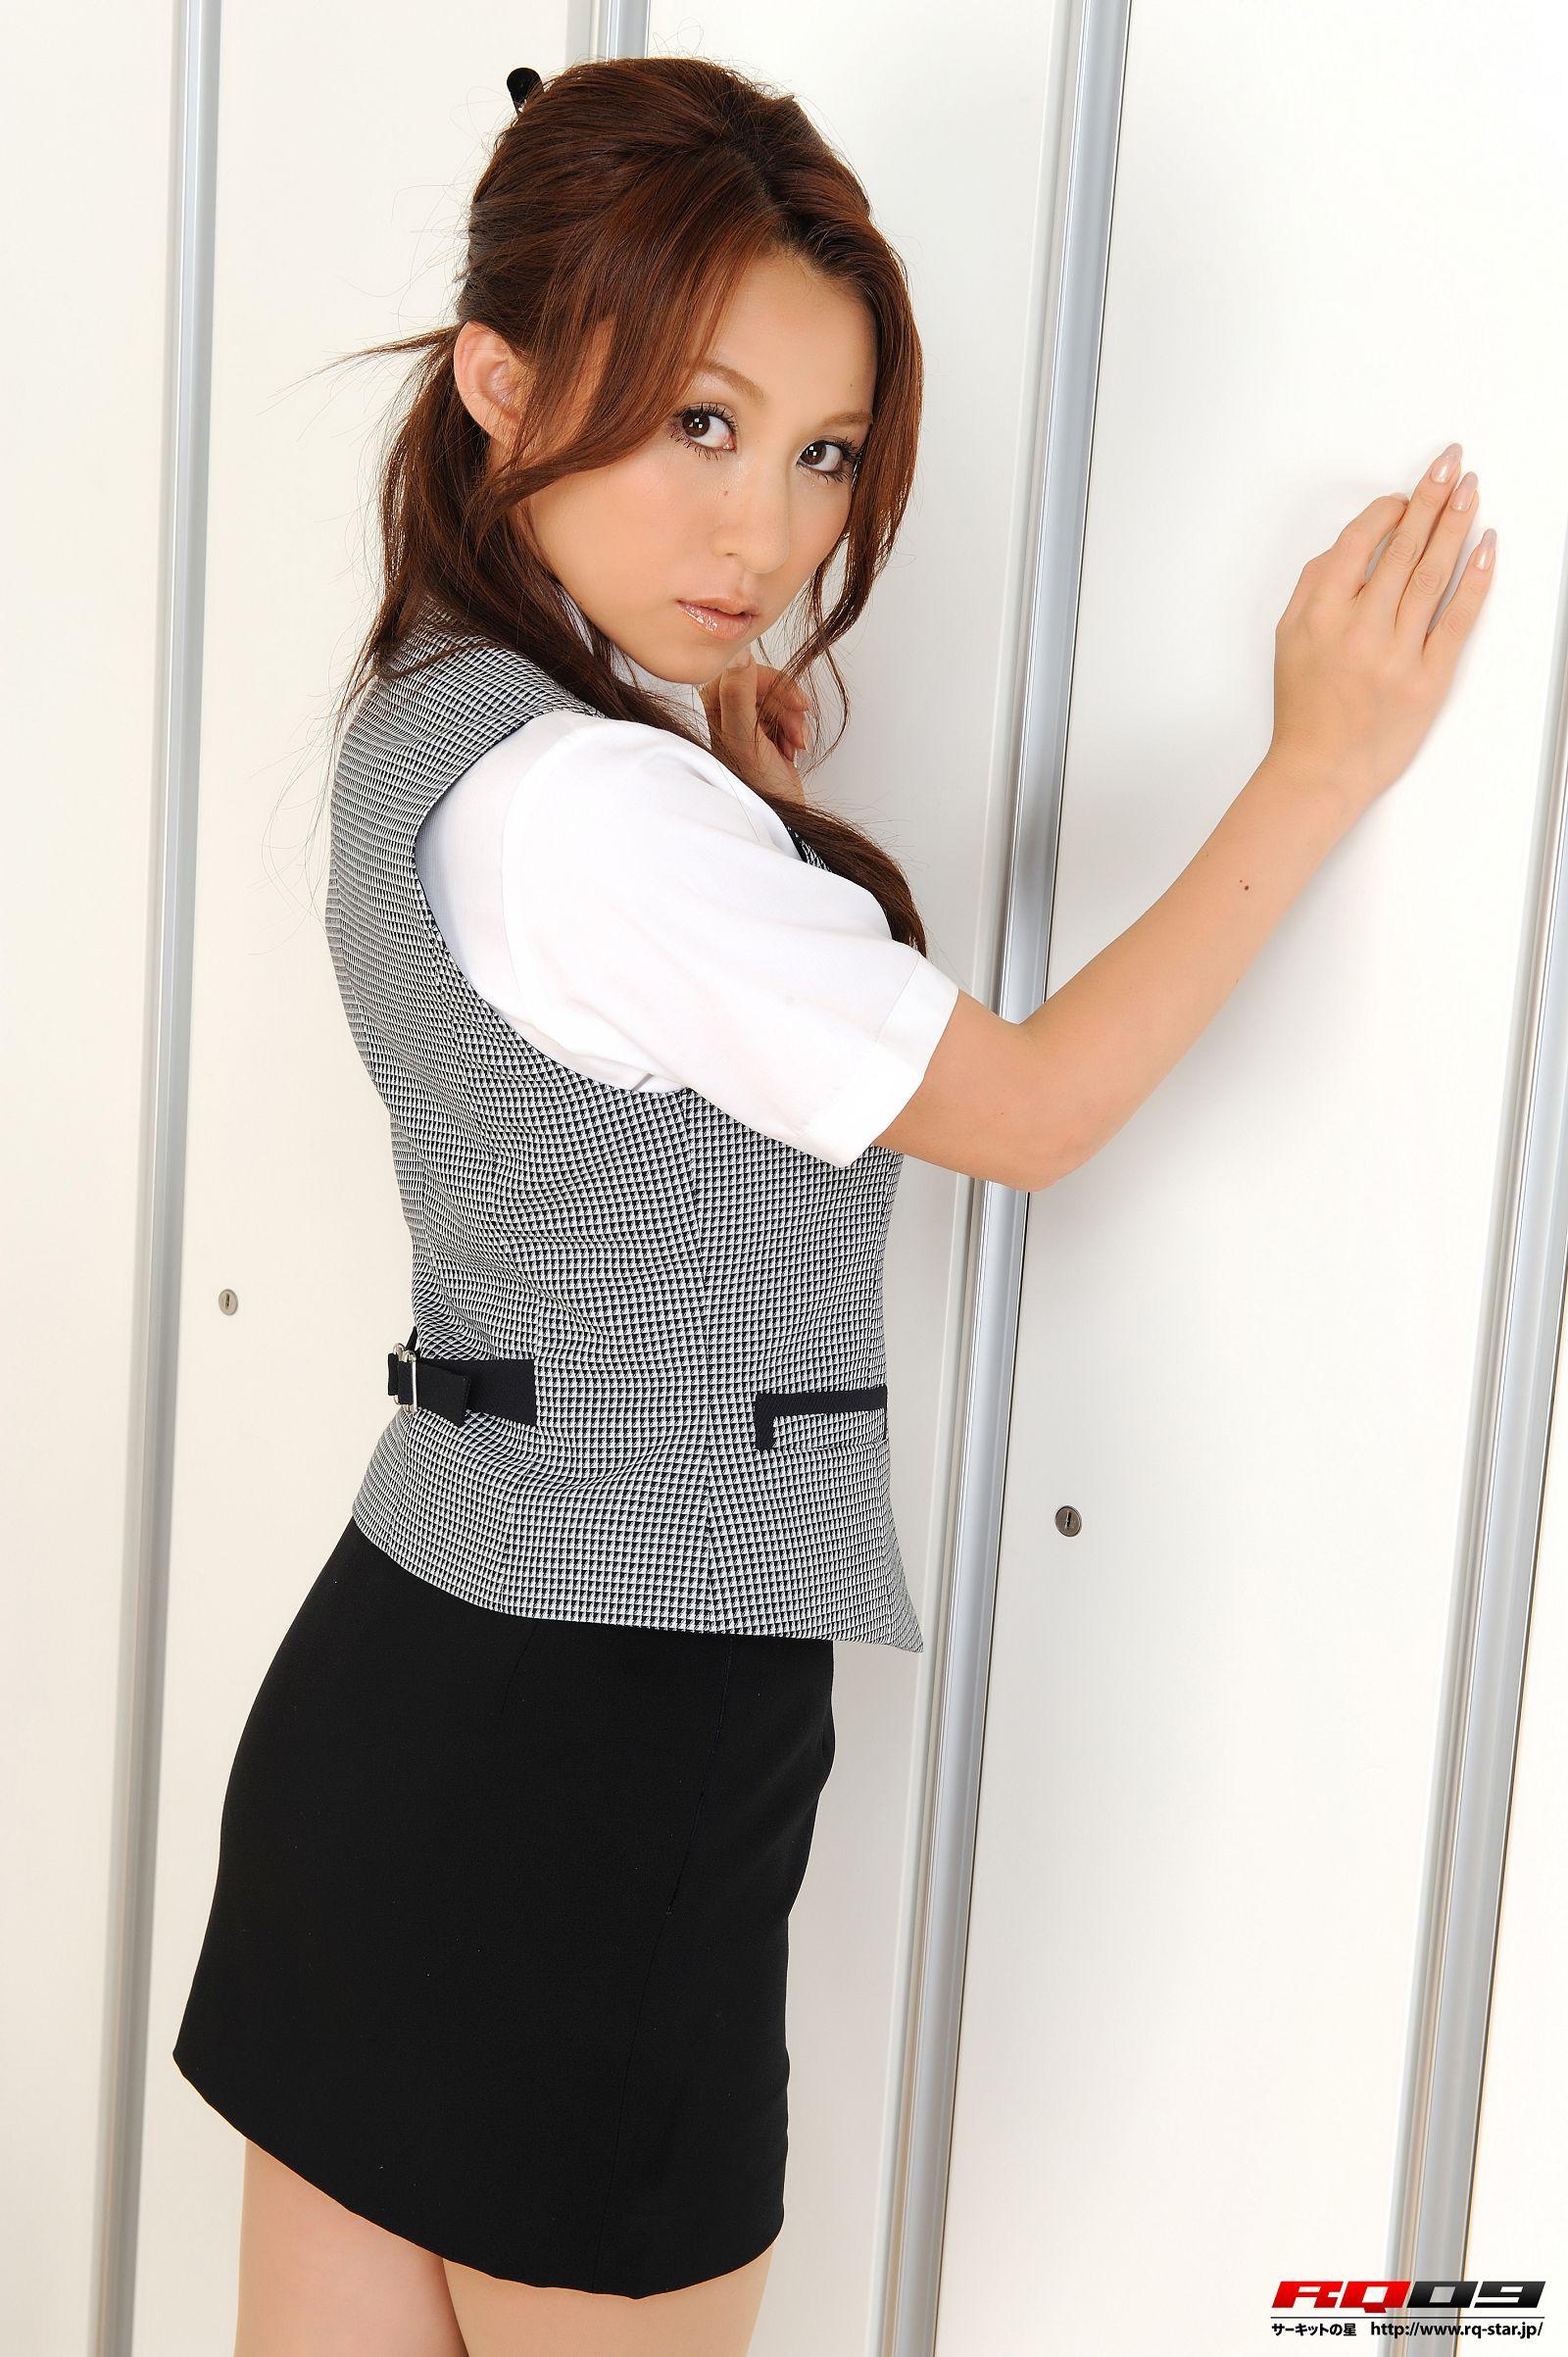 [RQ STAR美女] NO.0192 Megumi Yano 矢野めぐみ Office Lady[59P] RQ STAR 第4张